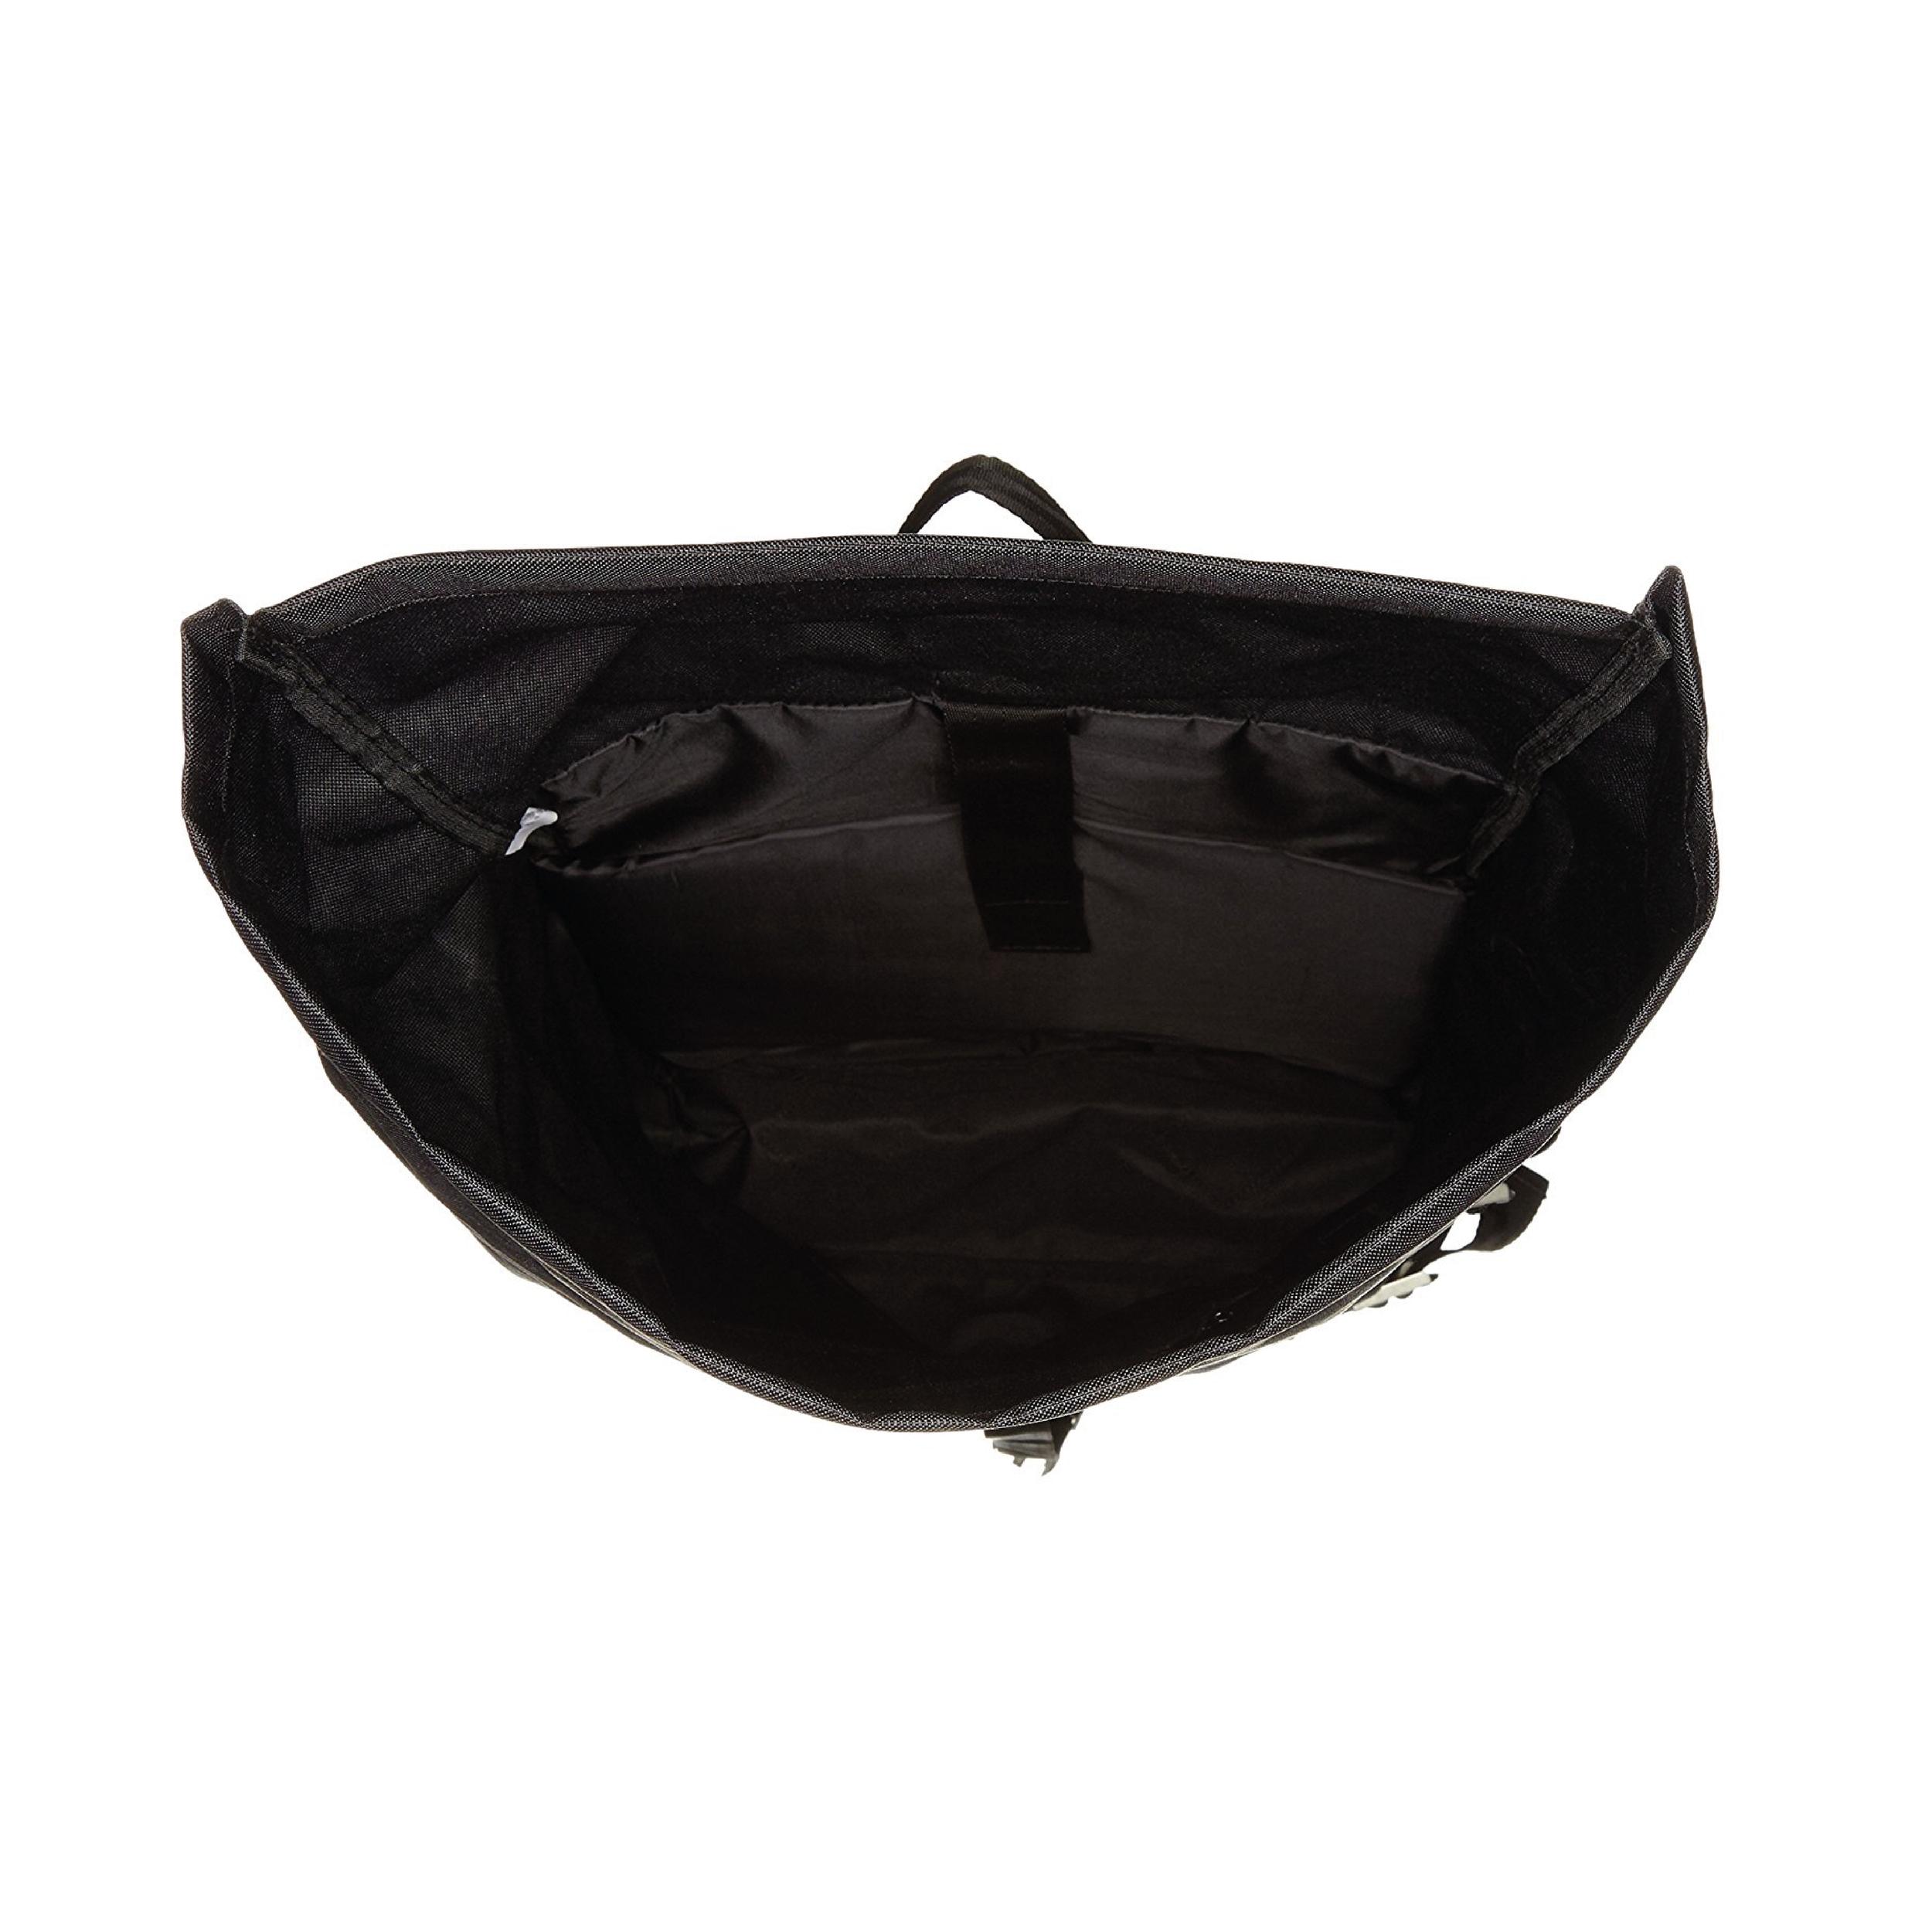 Poler Classic Rolltop Black Inside.png